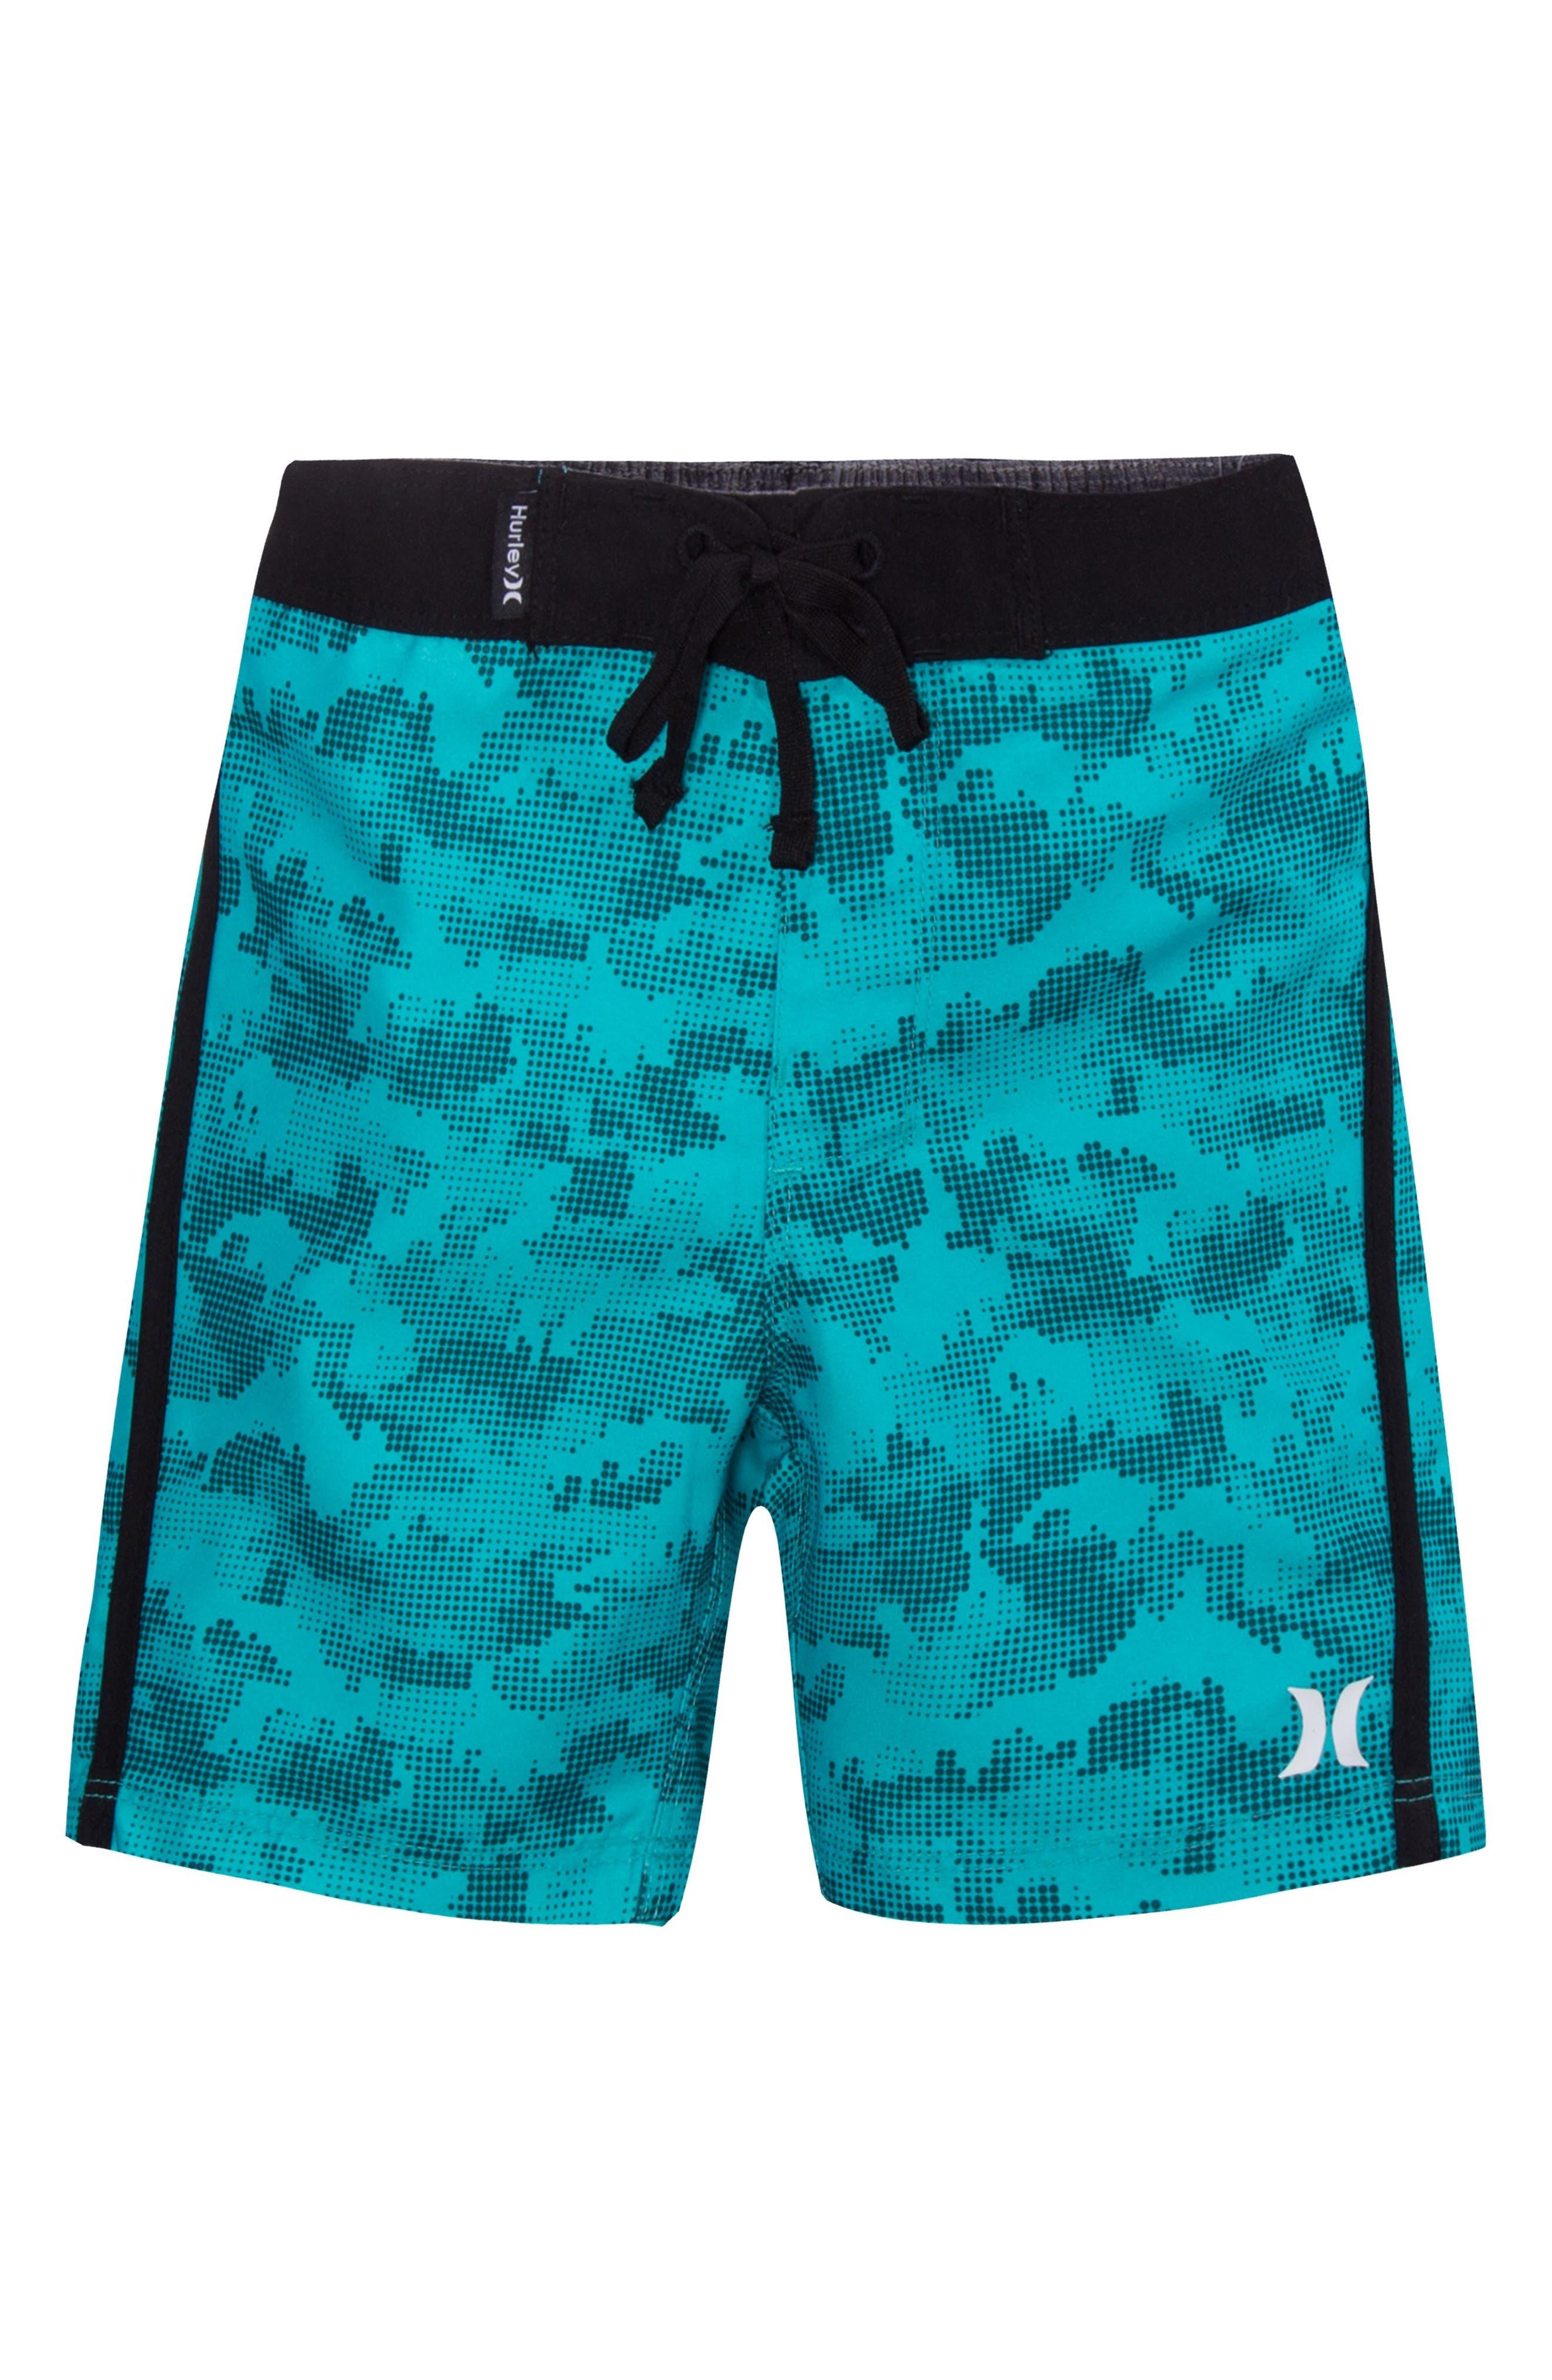 Micro Camo Board Shorts,                             Main thumbnail 1, color,                             321